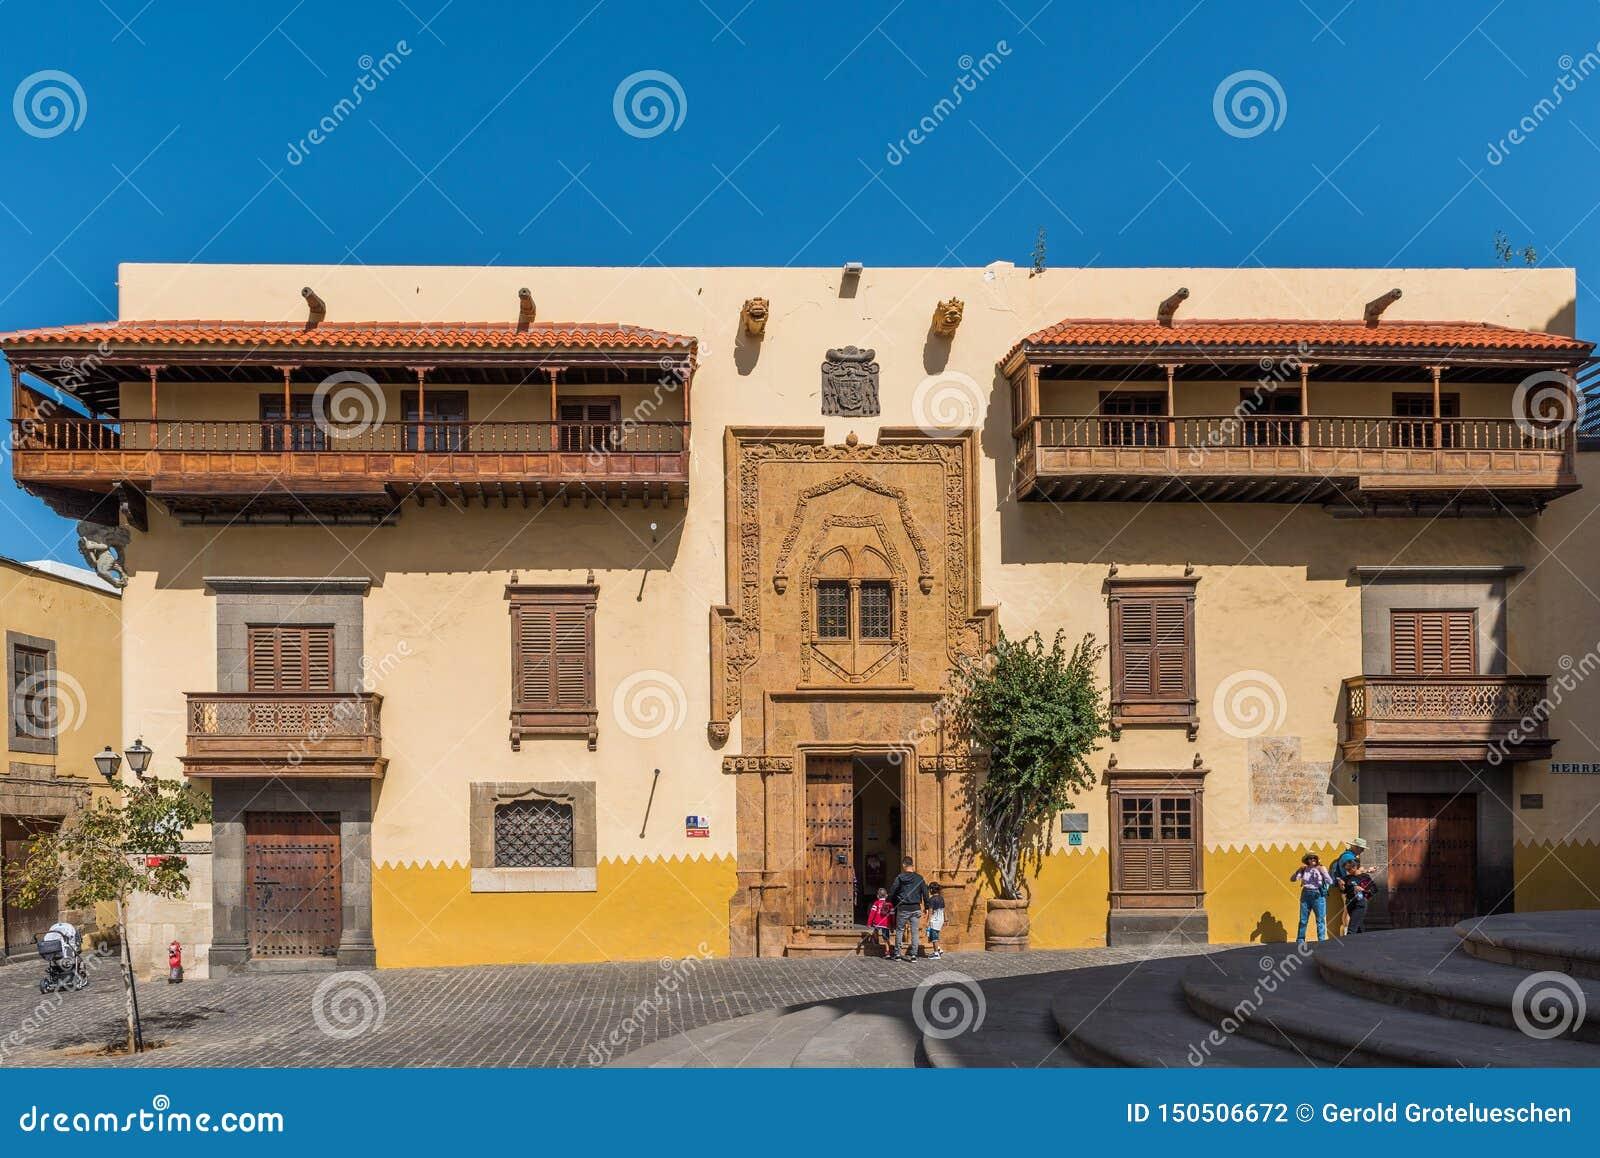 Columbus House em Las Palmas de Gran Canaria, Espanha